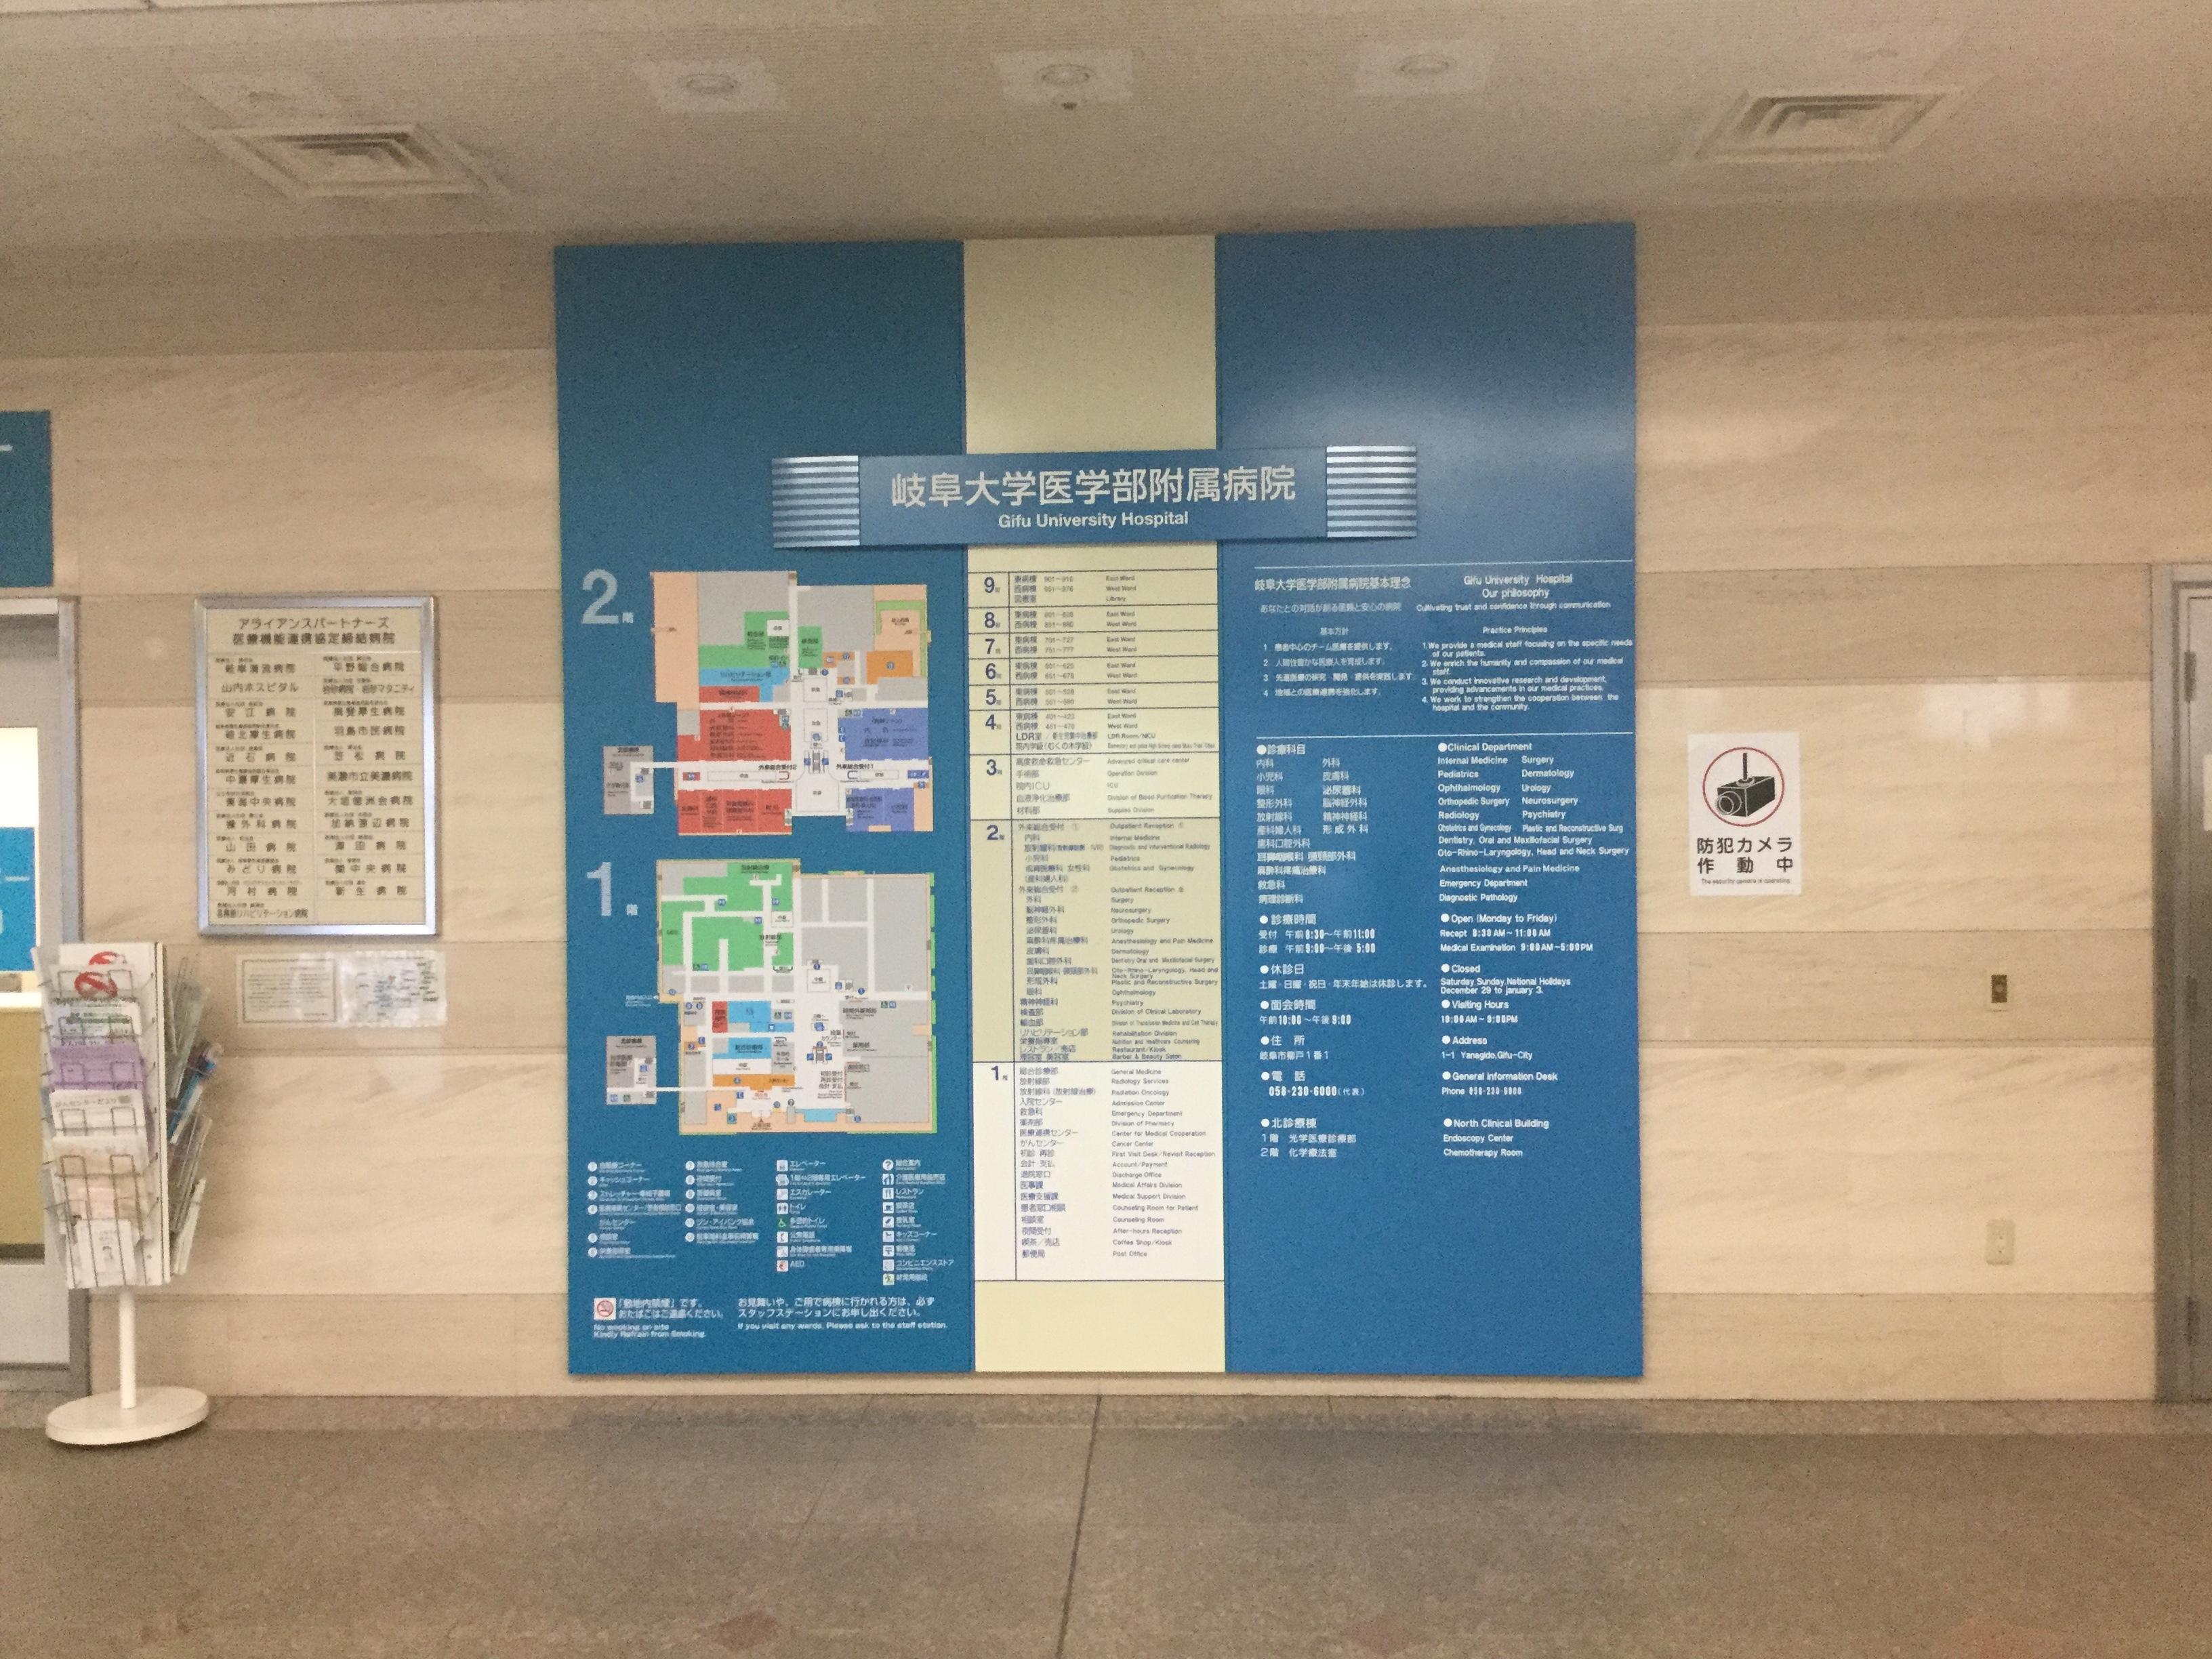 岐阜大学病院2018マップ